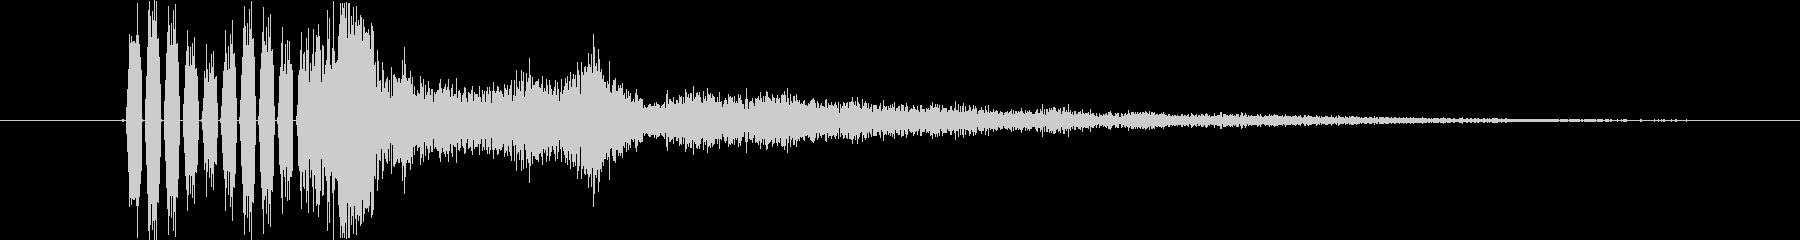 ドライショートバージョン3の未再生の波形